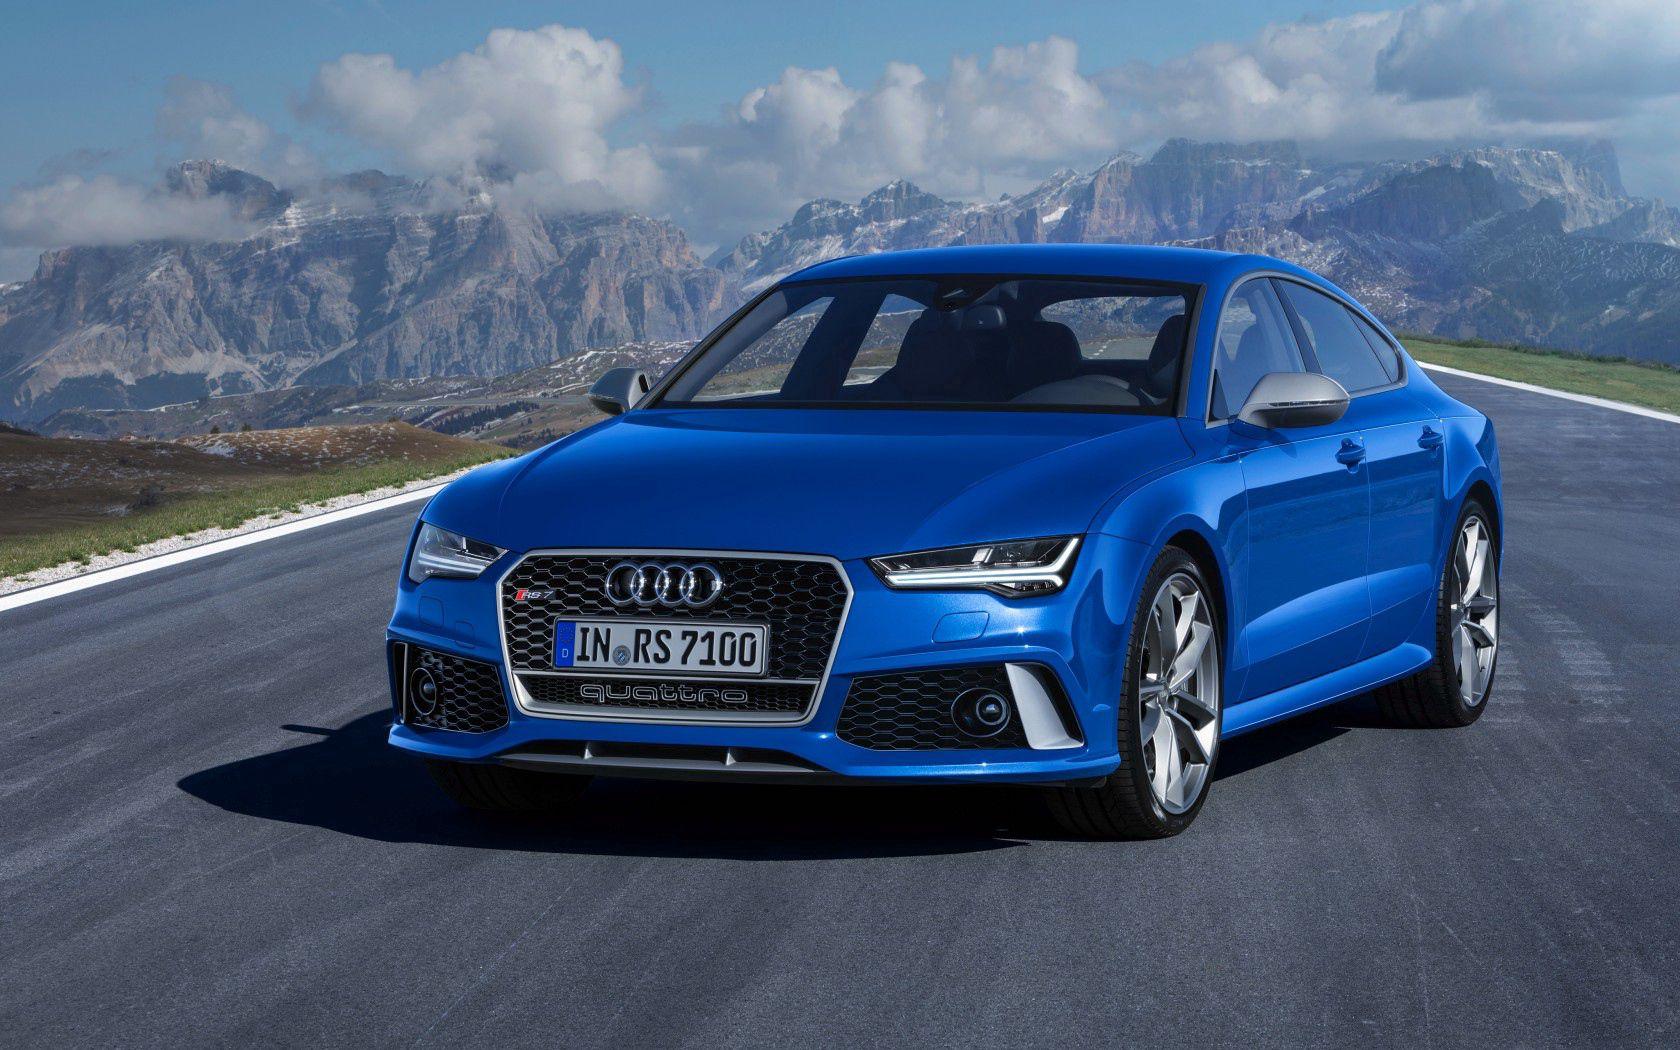 77135 descargar fondo de pantalla Coches, Audi, Rs7, Vista Frontal: protectores de pantalla e imágenes gratis